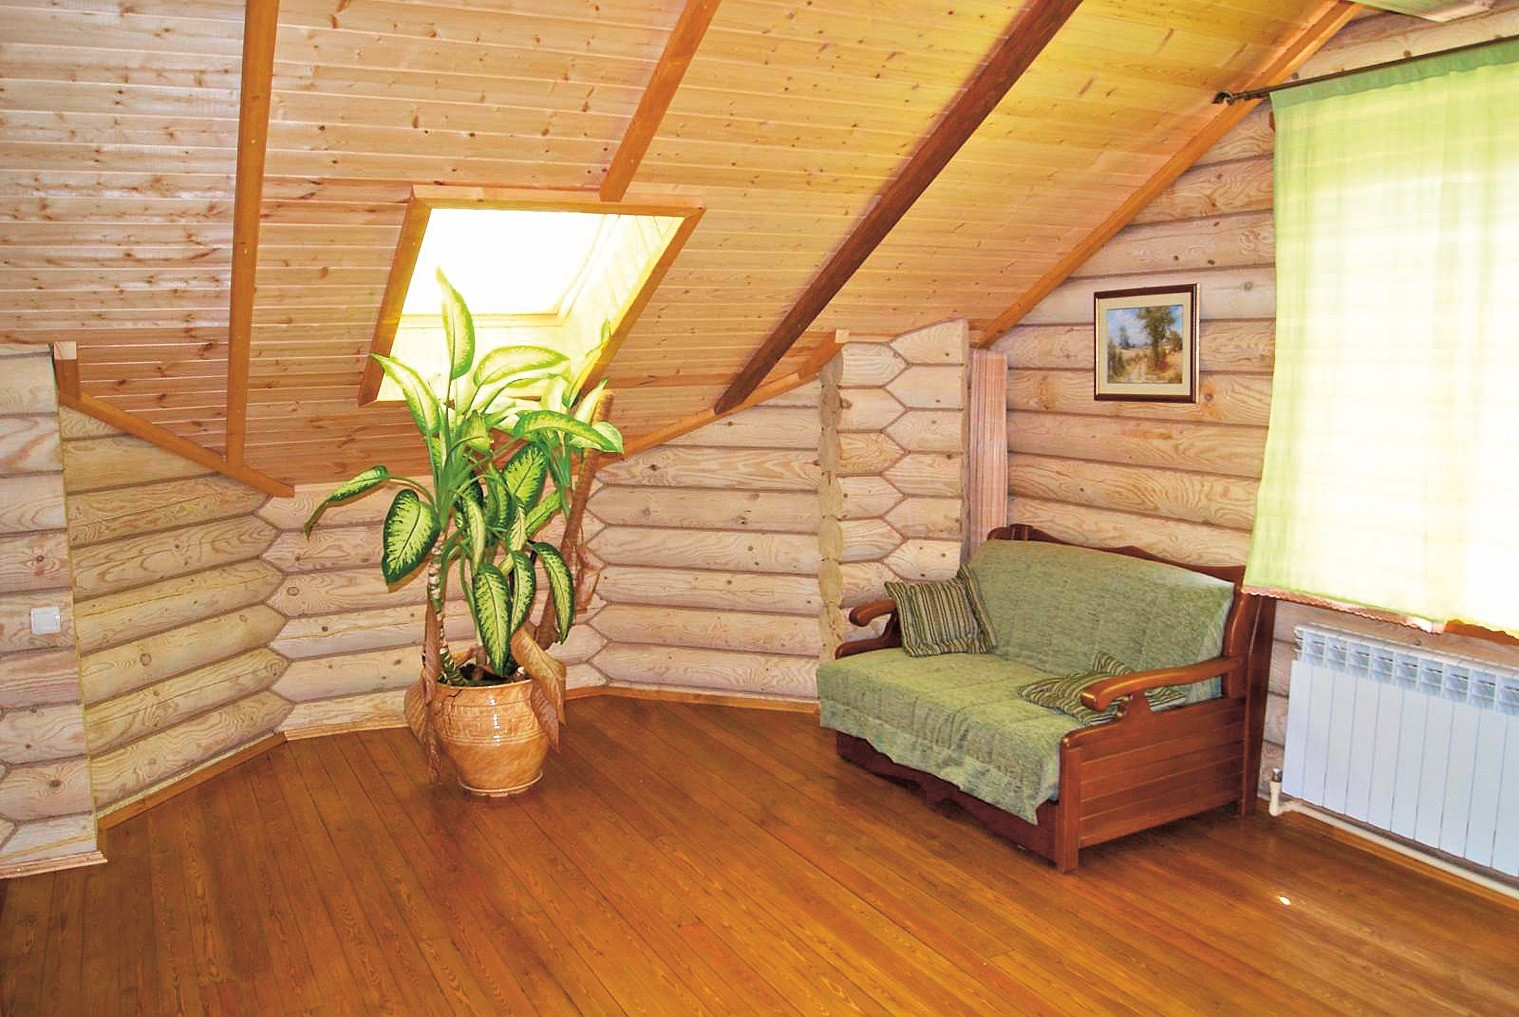 5 лучших способов декорировать интерьер деревянного дома